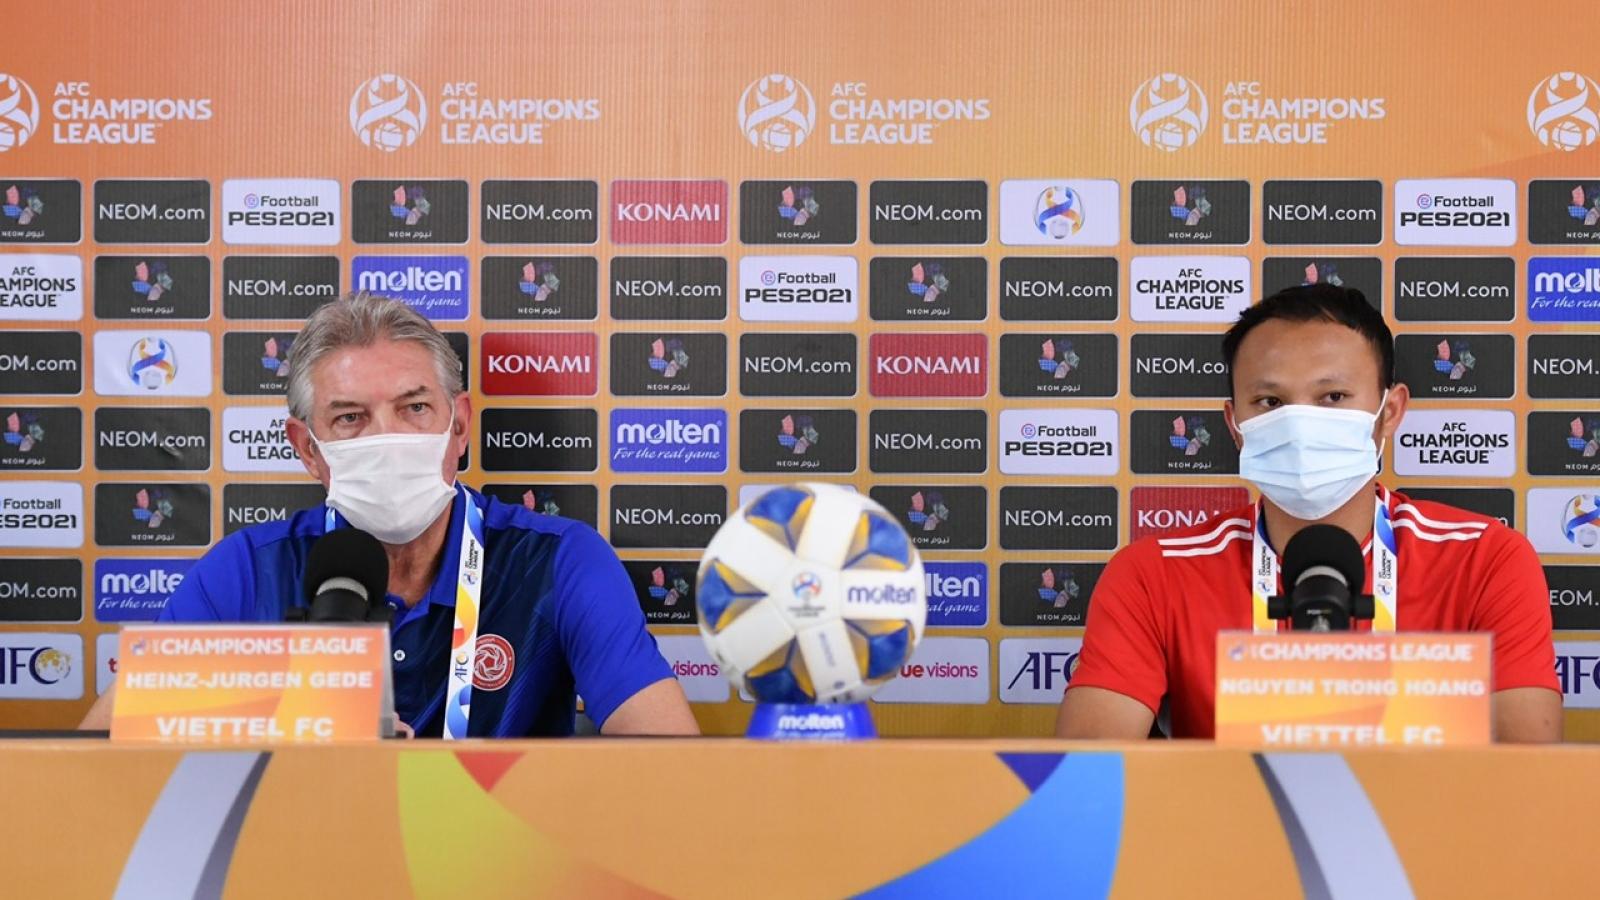 Viettel FC có bài tấn công mới, sẵn sàng tái đấu BG Pathum United ở AFC Champions League